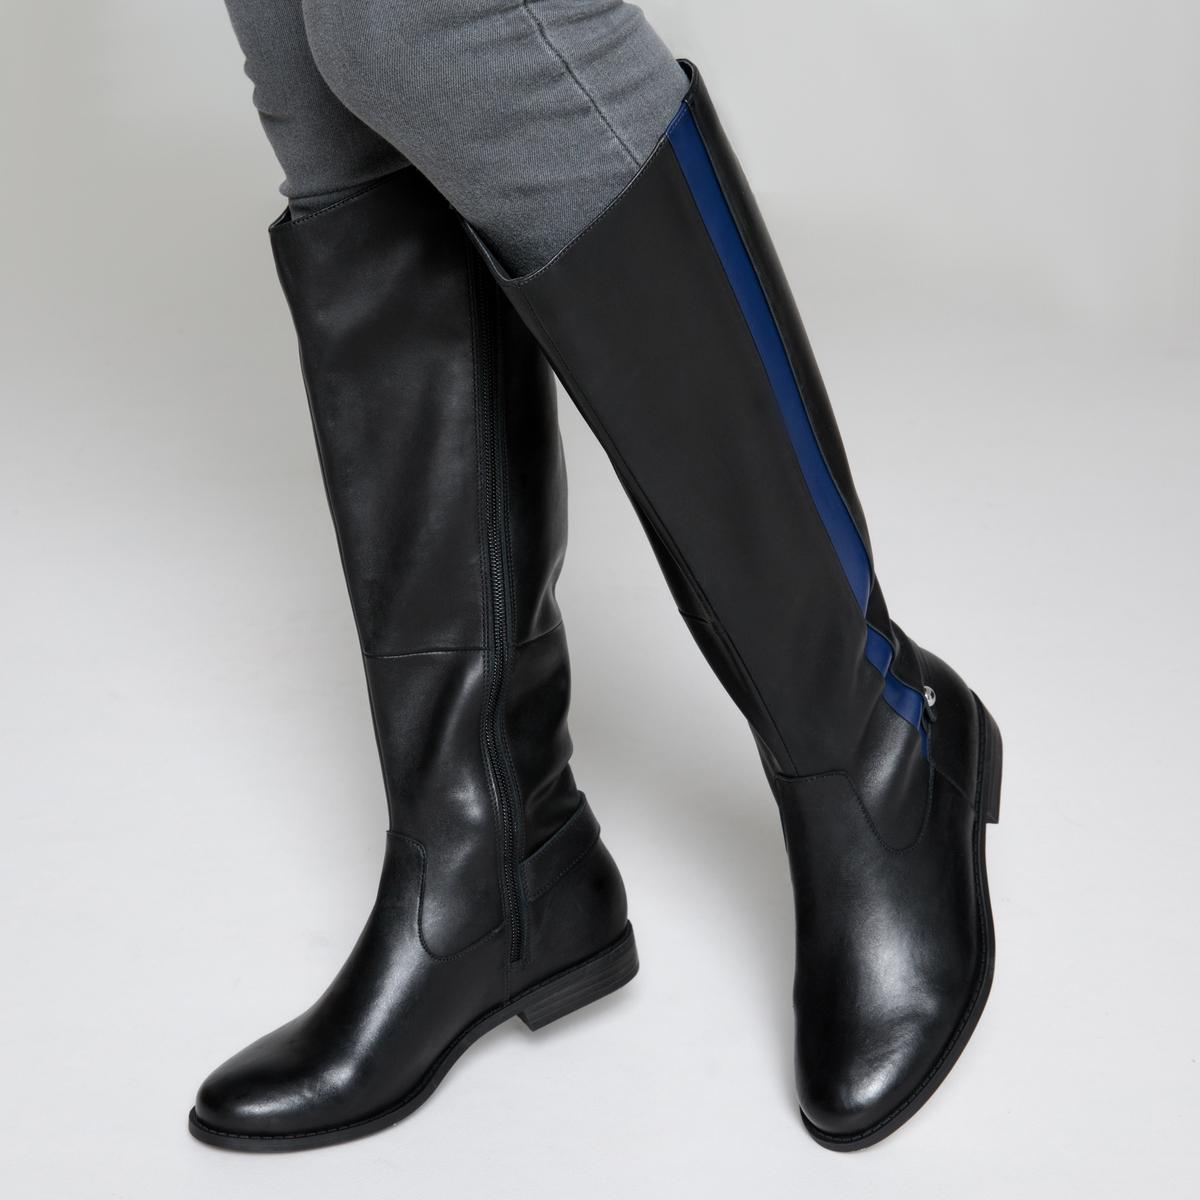 Сапоги жокейские кожаные с полосойОписание:Детали  •  Классическая модель •  Плоский каблук •  Круглый мысок •  Застежка : на молнию •  Гладкая отделка •  Обхват голени : 36 см для размера 37 •  Высота голенища : 40 см для размера  37Состав и уход  •  Верх 100% кожа •  Подкладка 100% хлопок<br><br>Цвет: черный<br>Размер: 37.41.36.39.38